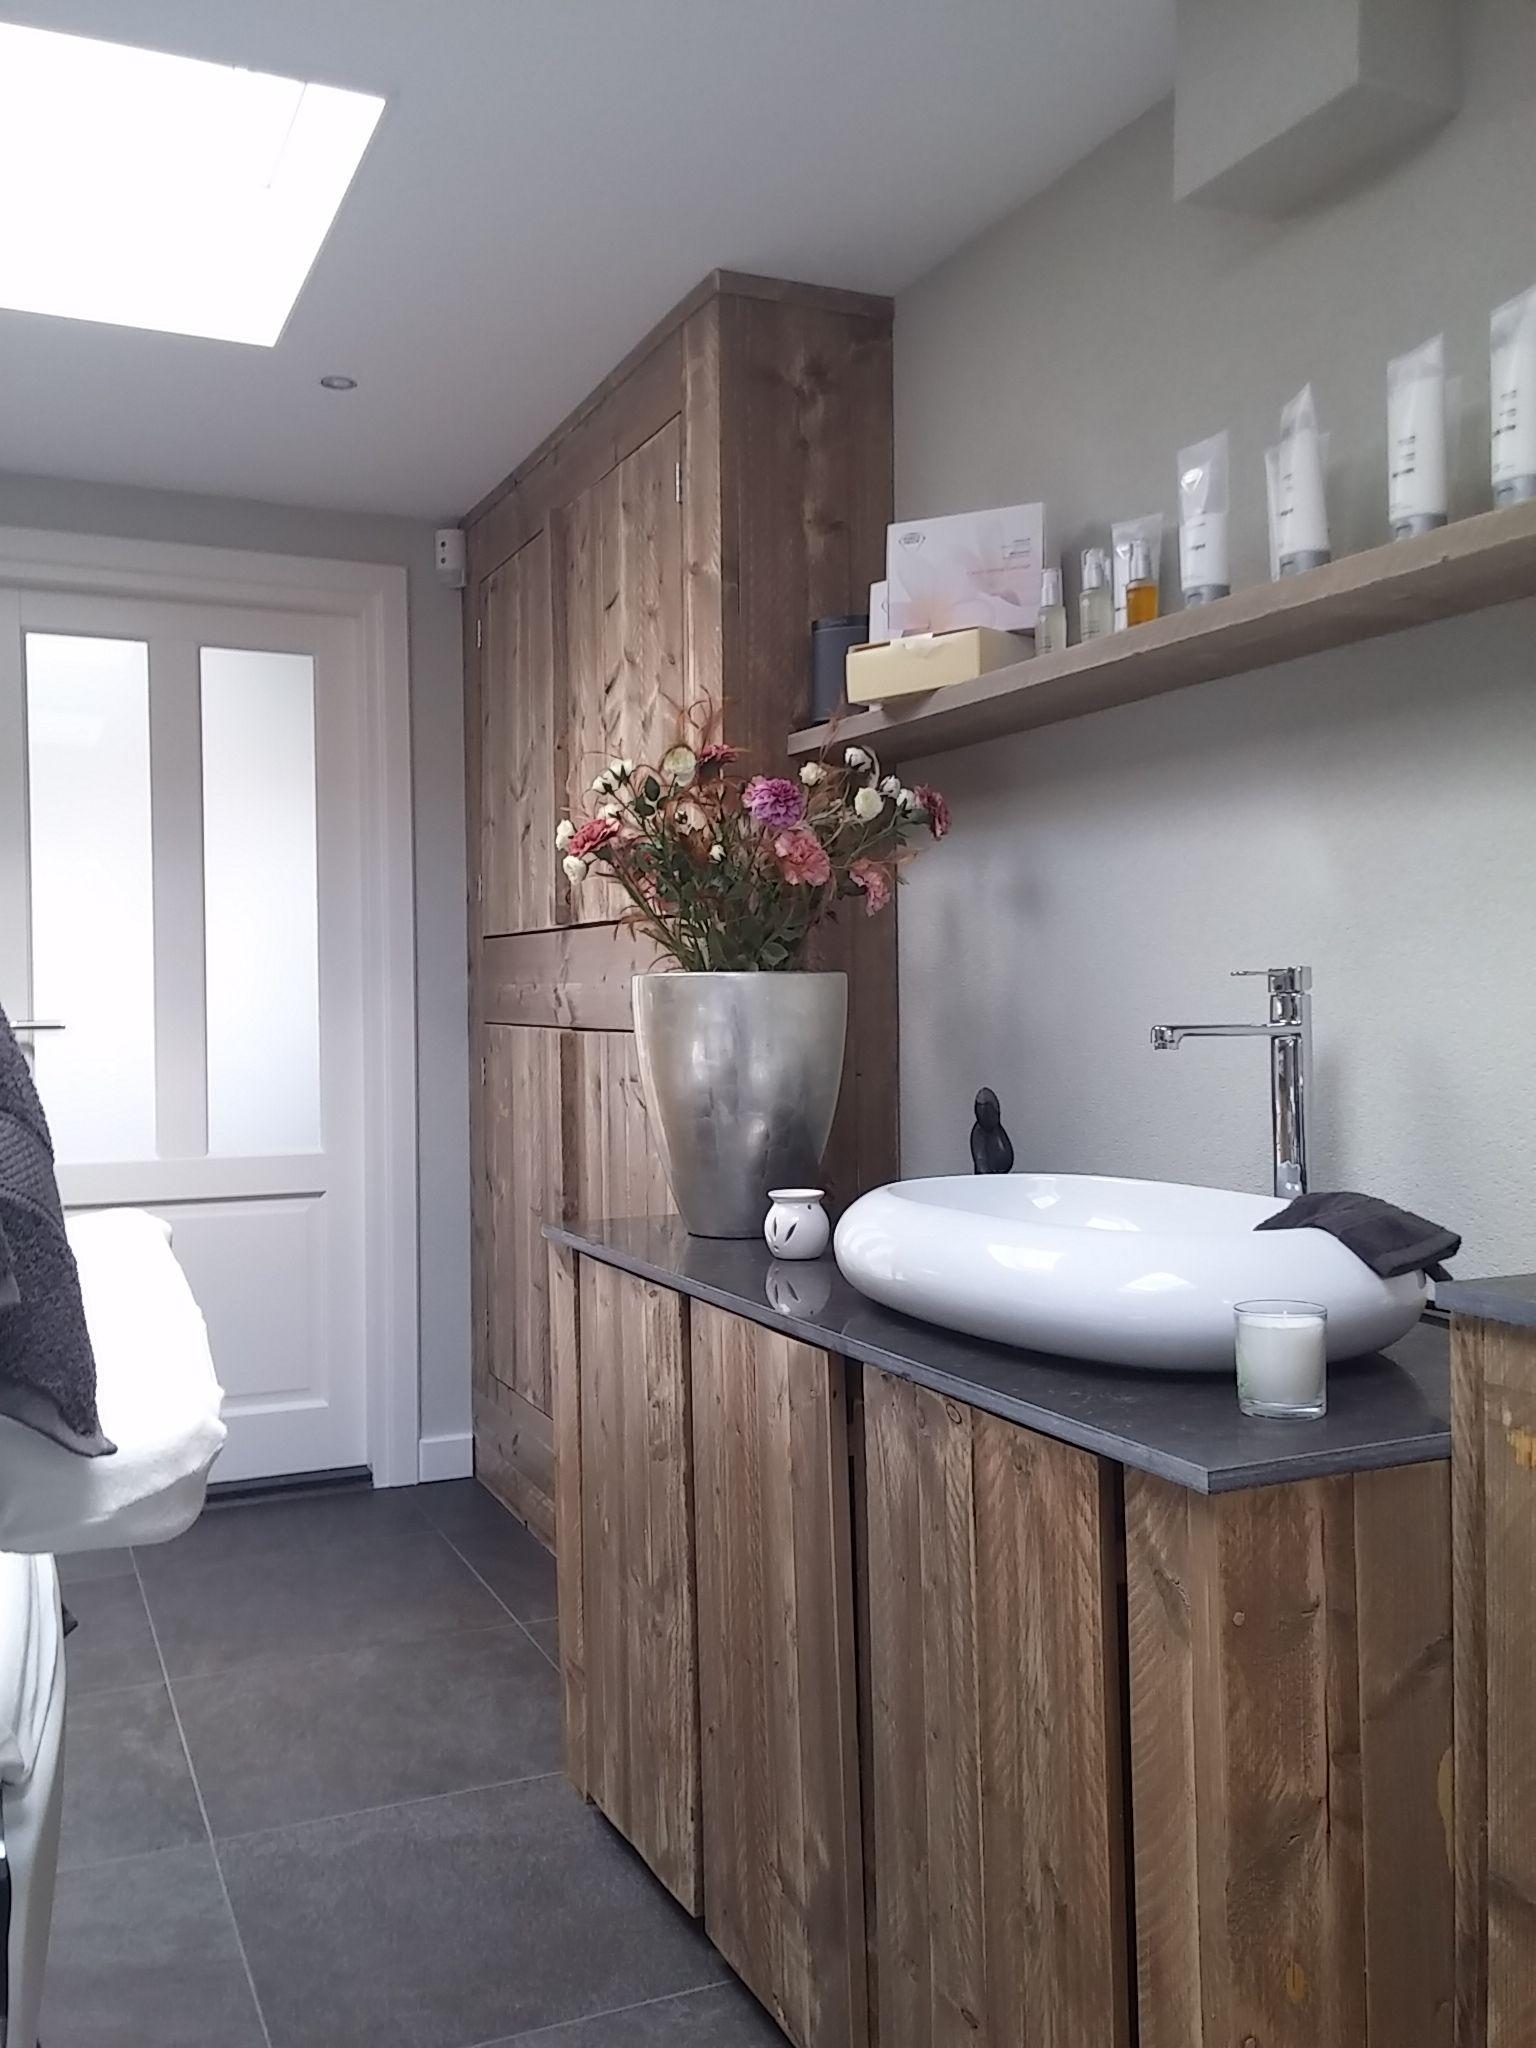 inrichting schoonheidssalon steigerhout - Google zoeken | spa ...